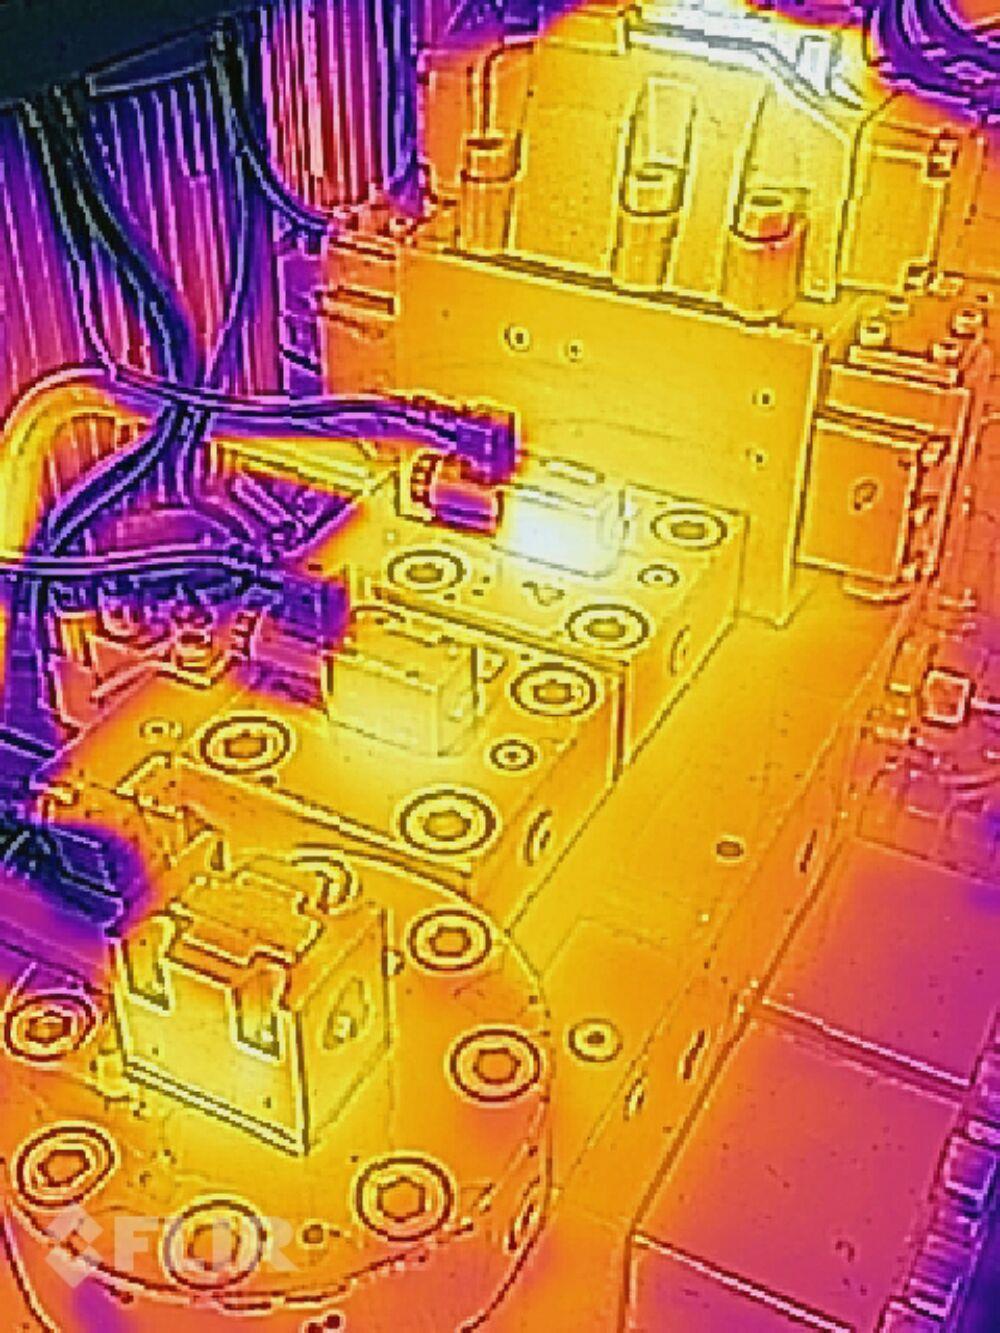 Servicii de termoviziune la preturi avantajoase. Incepand de la 10 lei/raport. - imagine 8